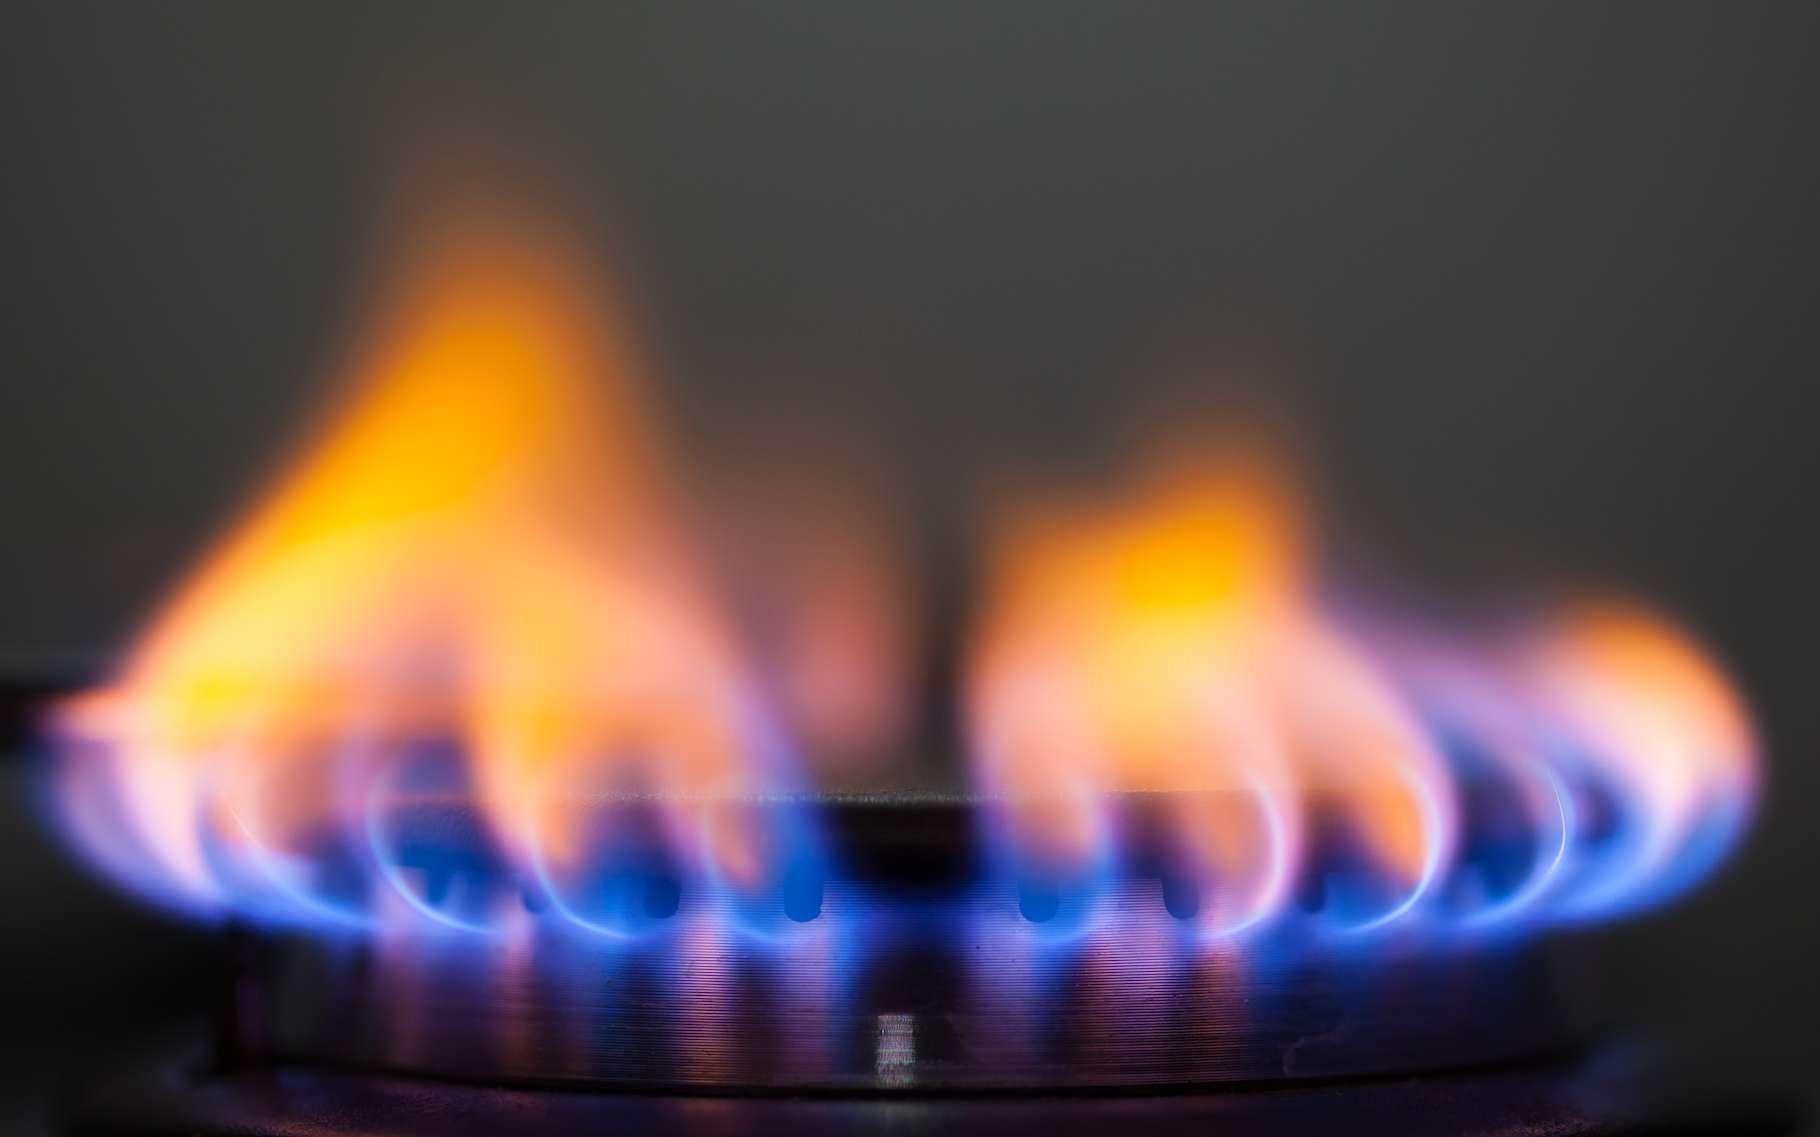 Le butane, un gaz utilisé comme combustible à usage domestique, existe sous deux formes isomères. © Nikkytok, Shutterstock